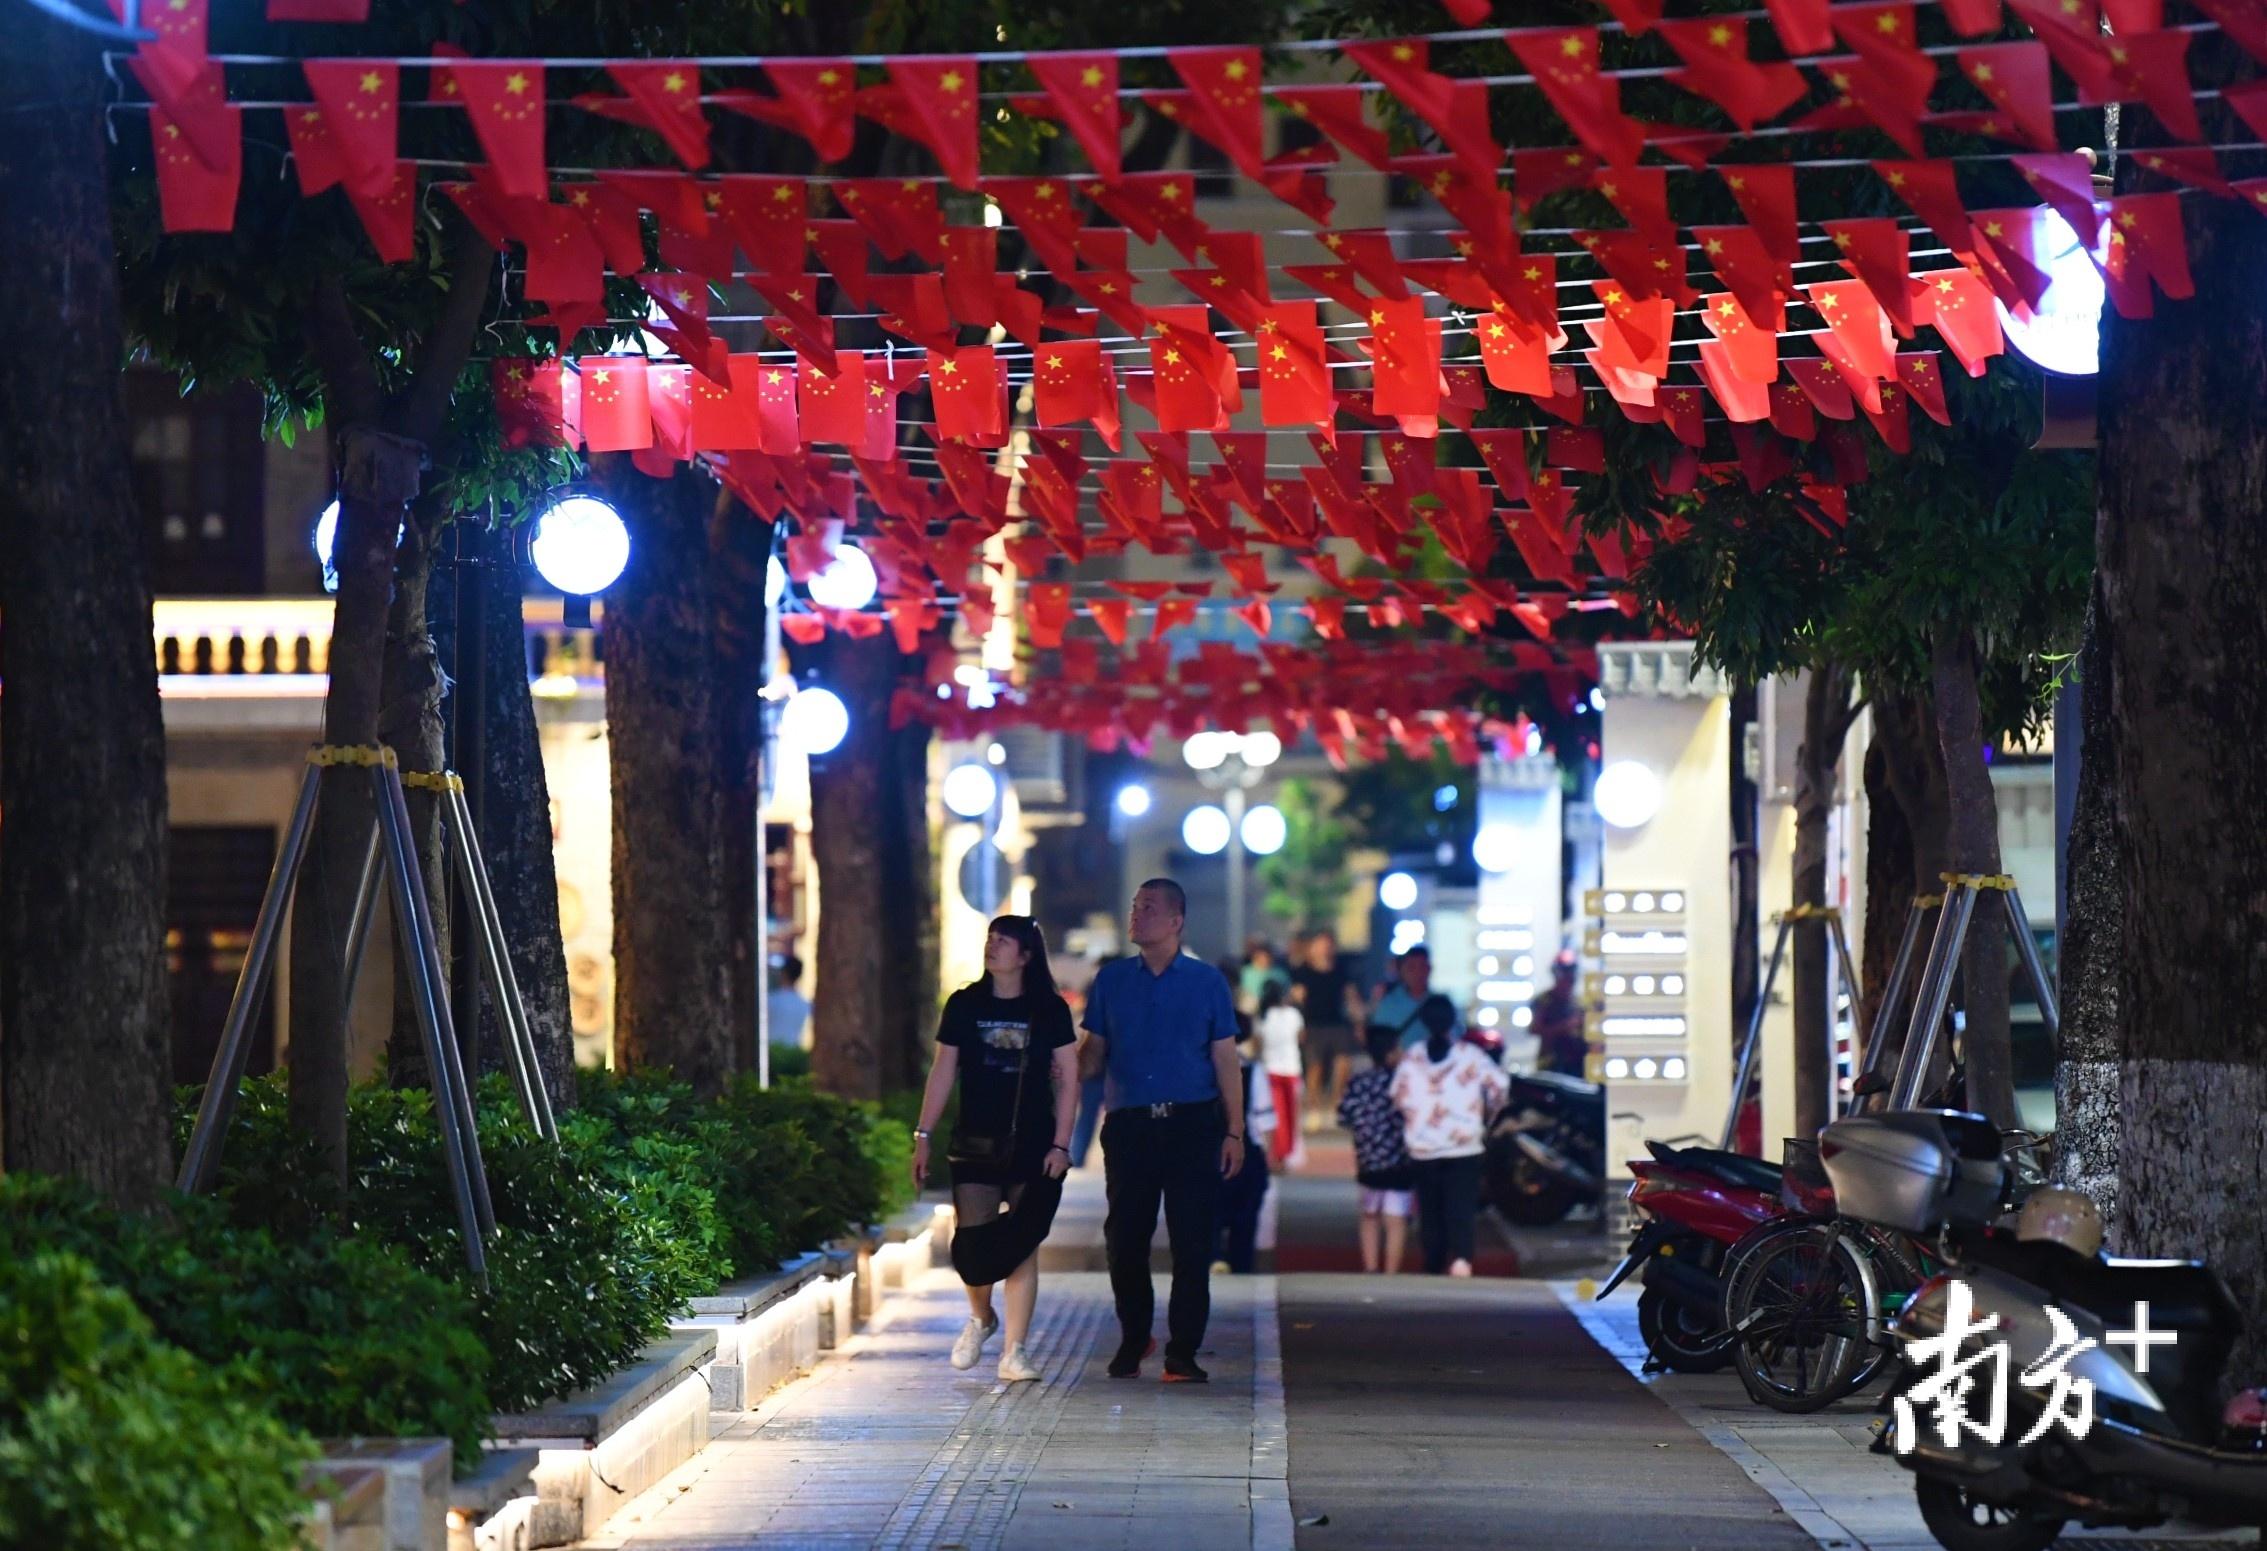 启明里是市民夜晚漫步休闲的好去处。杨兴乐 摄